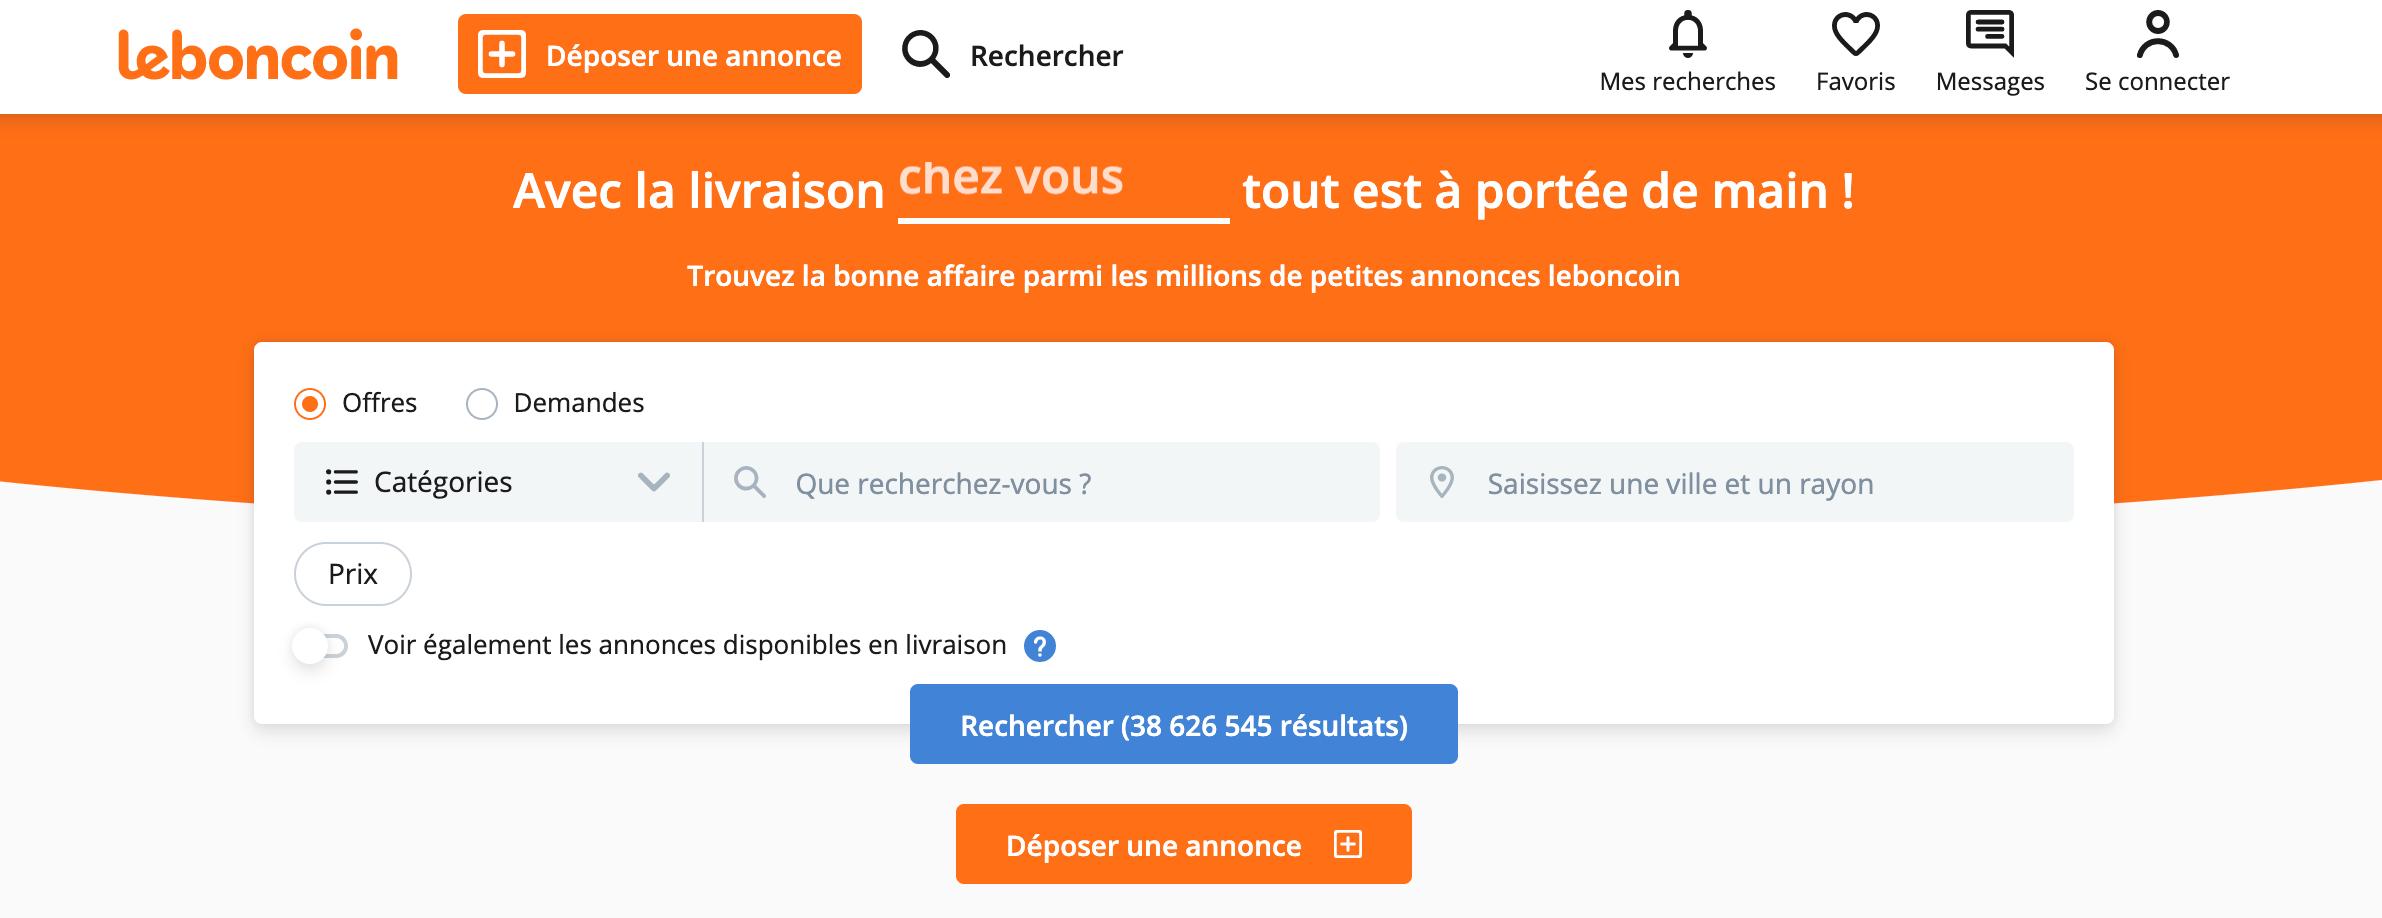 leboncoin site de petites annonces gratuites